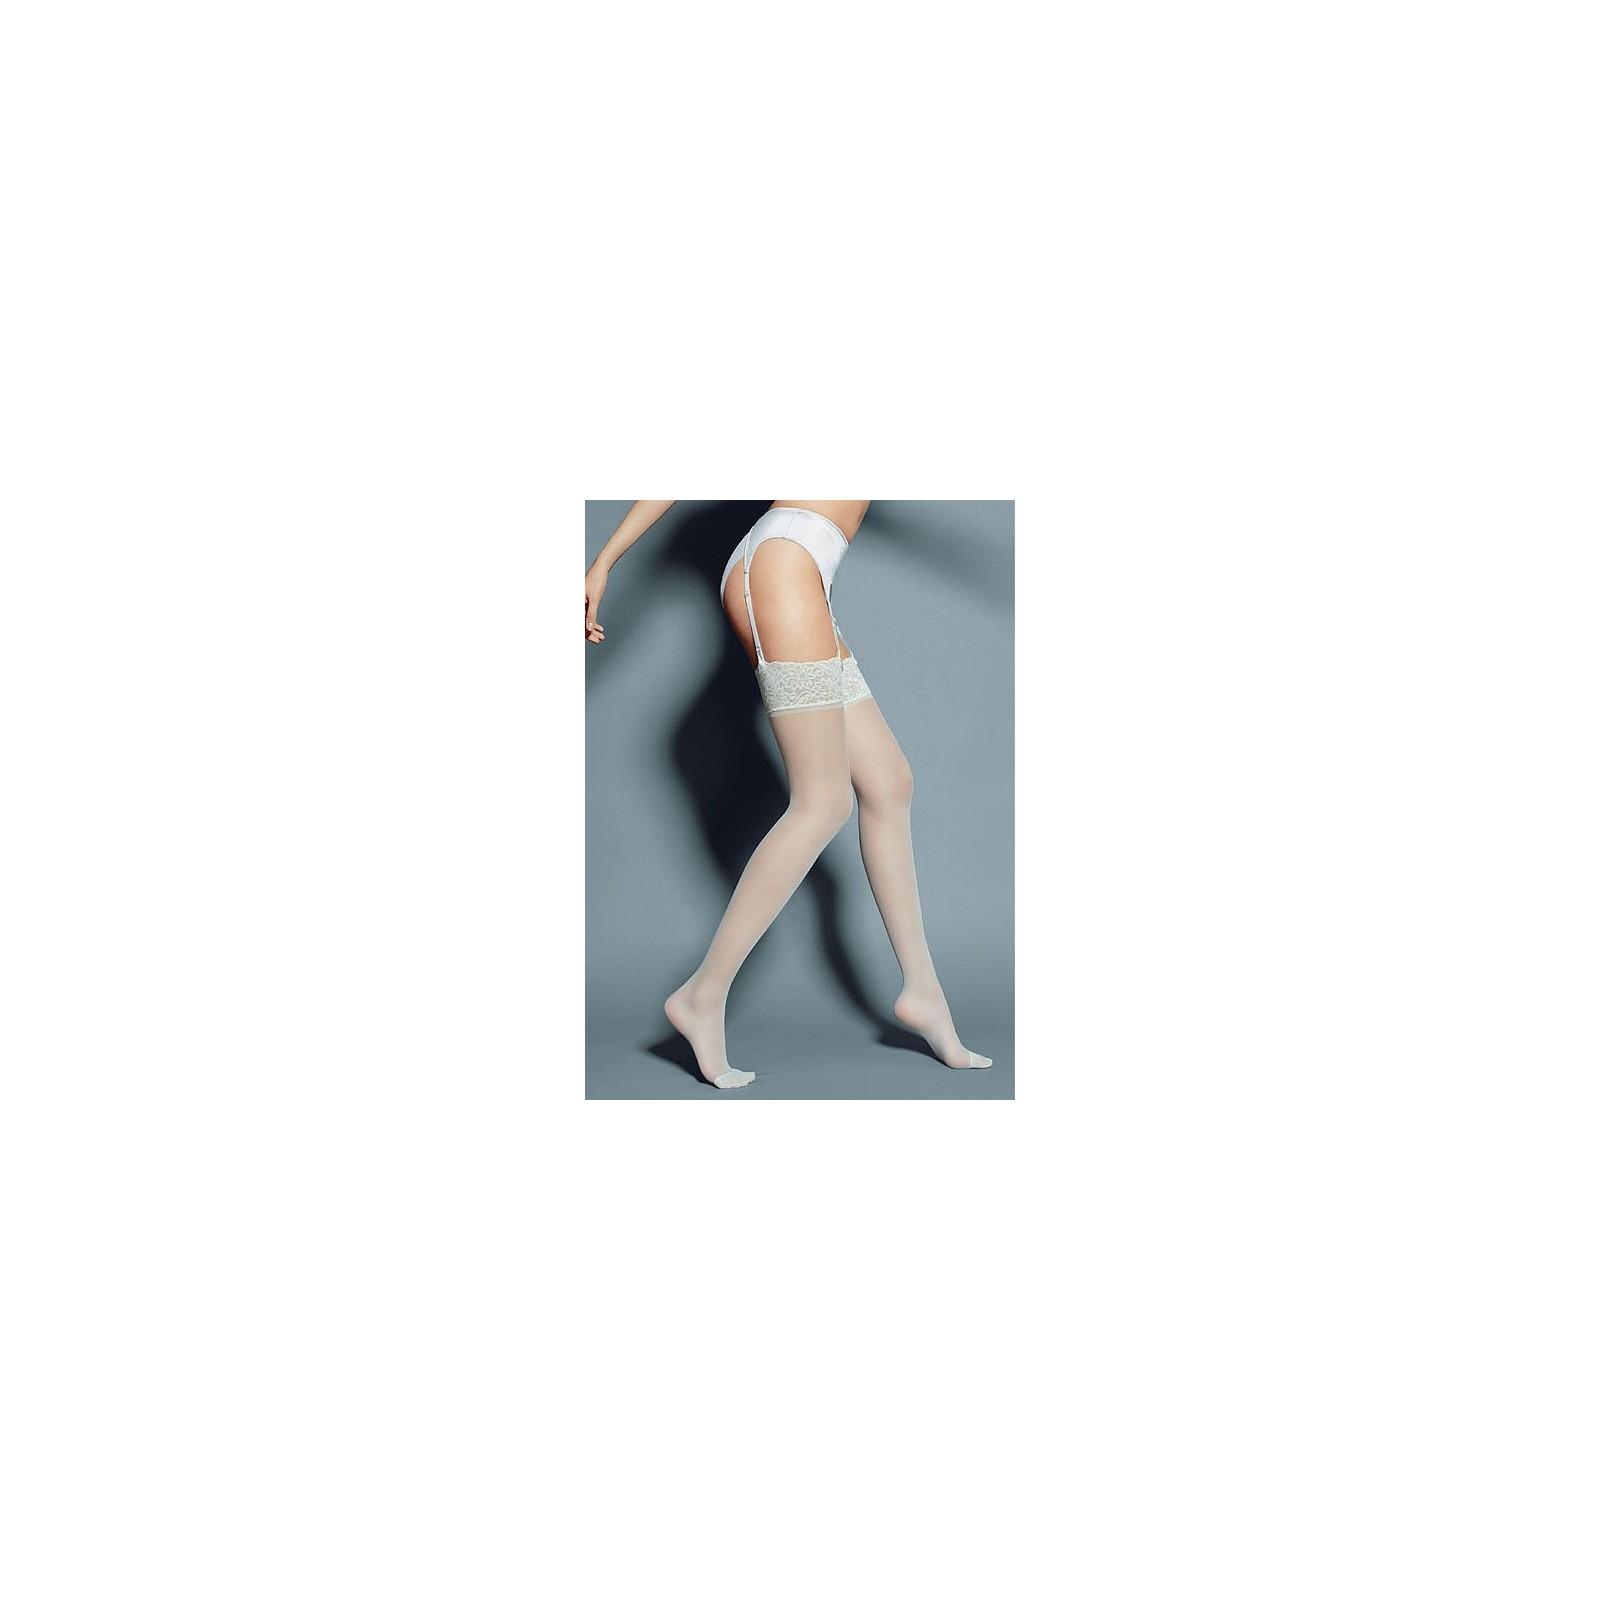 Strapsstrümpfe calze-mary-schwarz - 1 - Vorschaubild